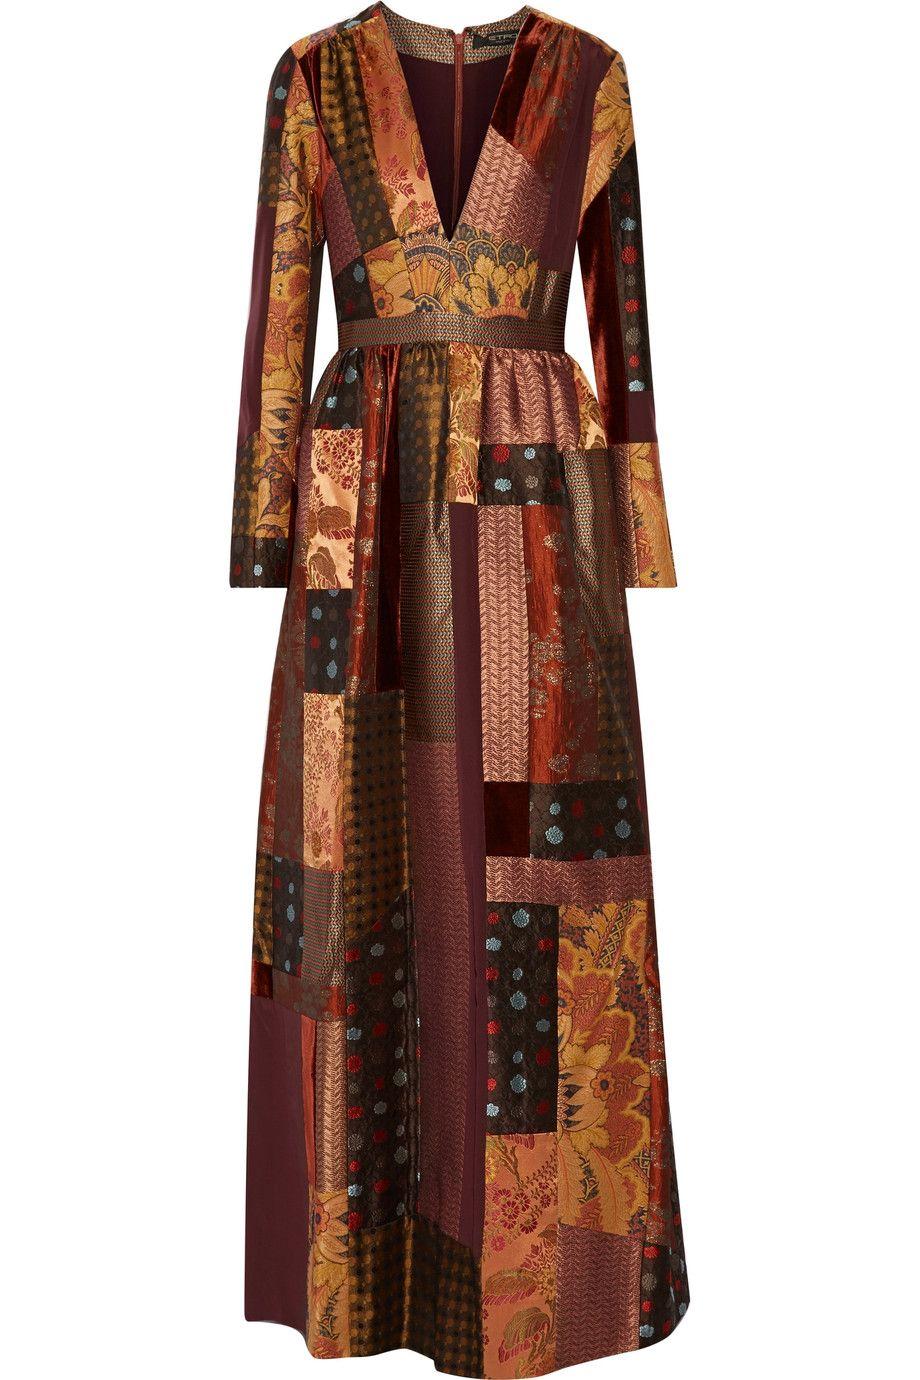 44b79d13716 Shop on-sale Etro Patchwork silk-crepe